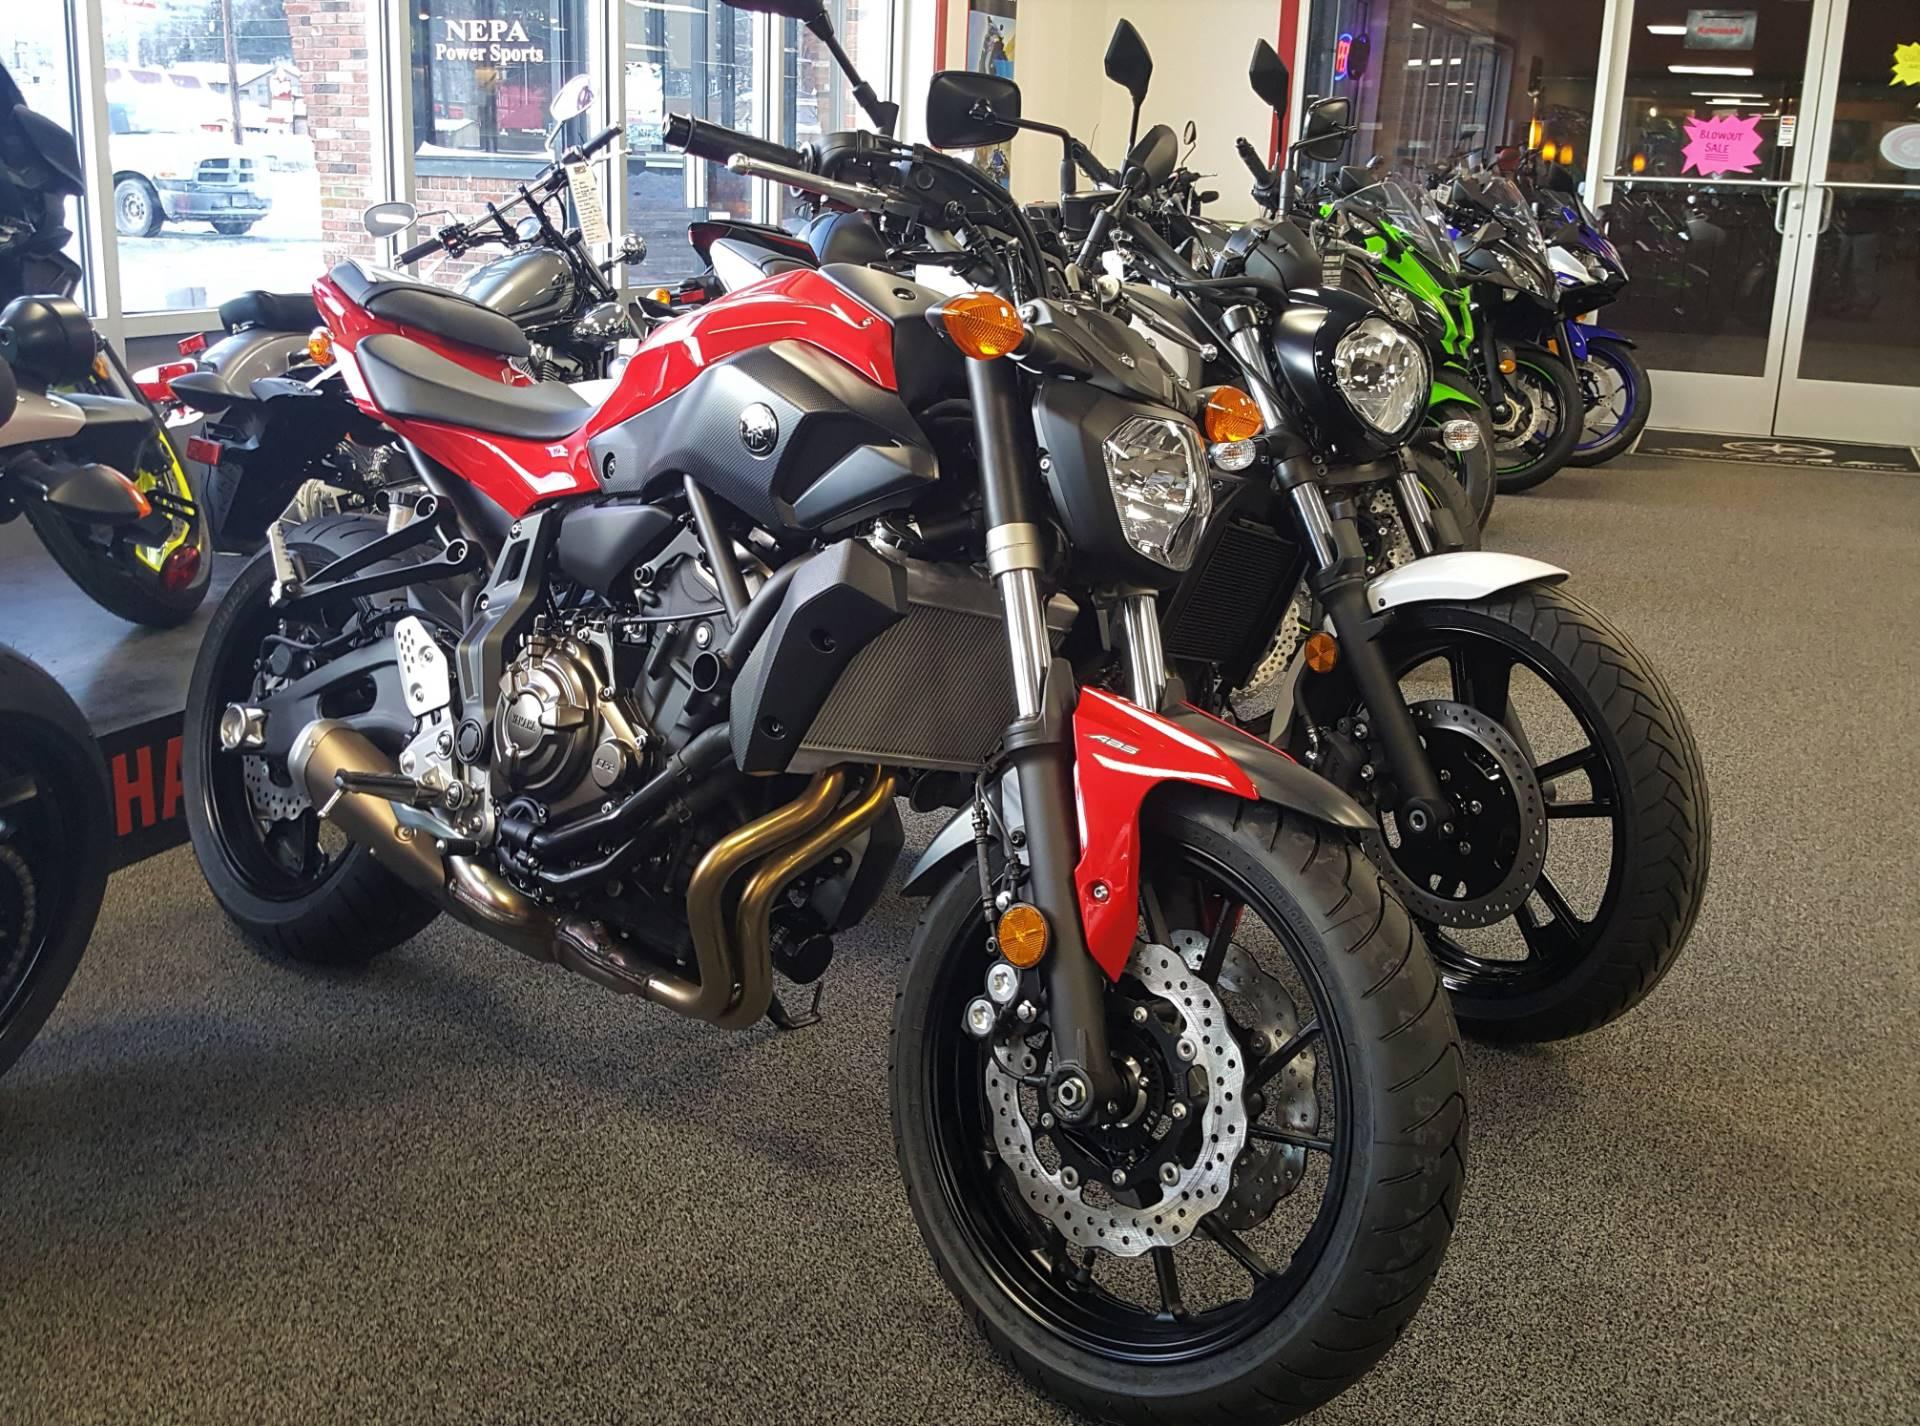 2017 Yamaha FZ-07 ABS for sale 908